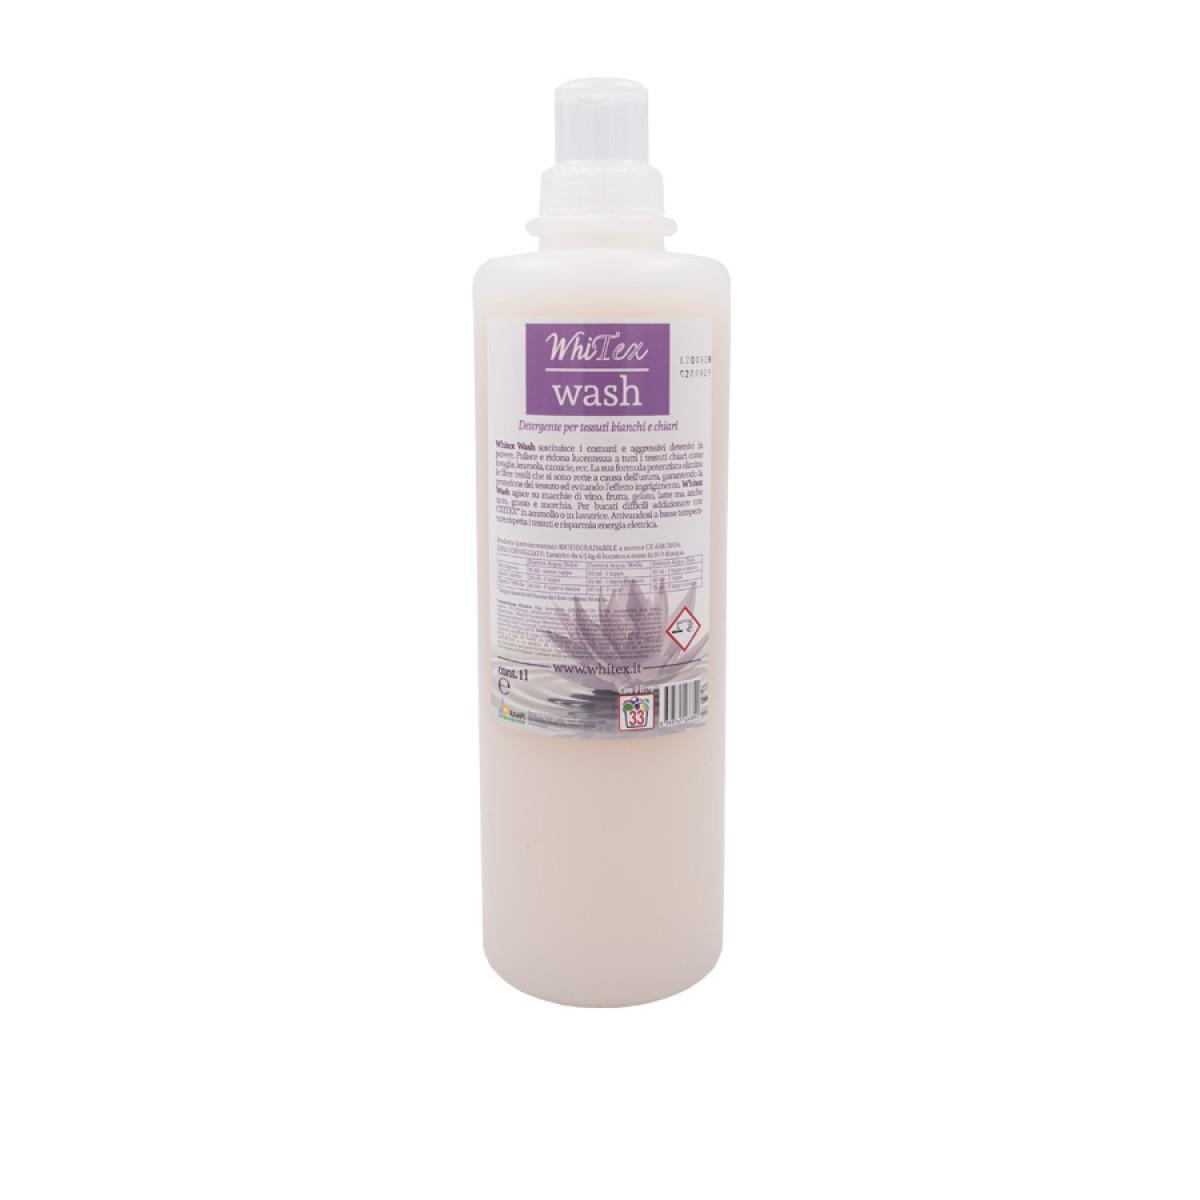 Profesionálna čistota a hygiena pre všetky biele textílie, 1 l